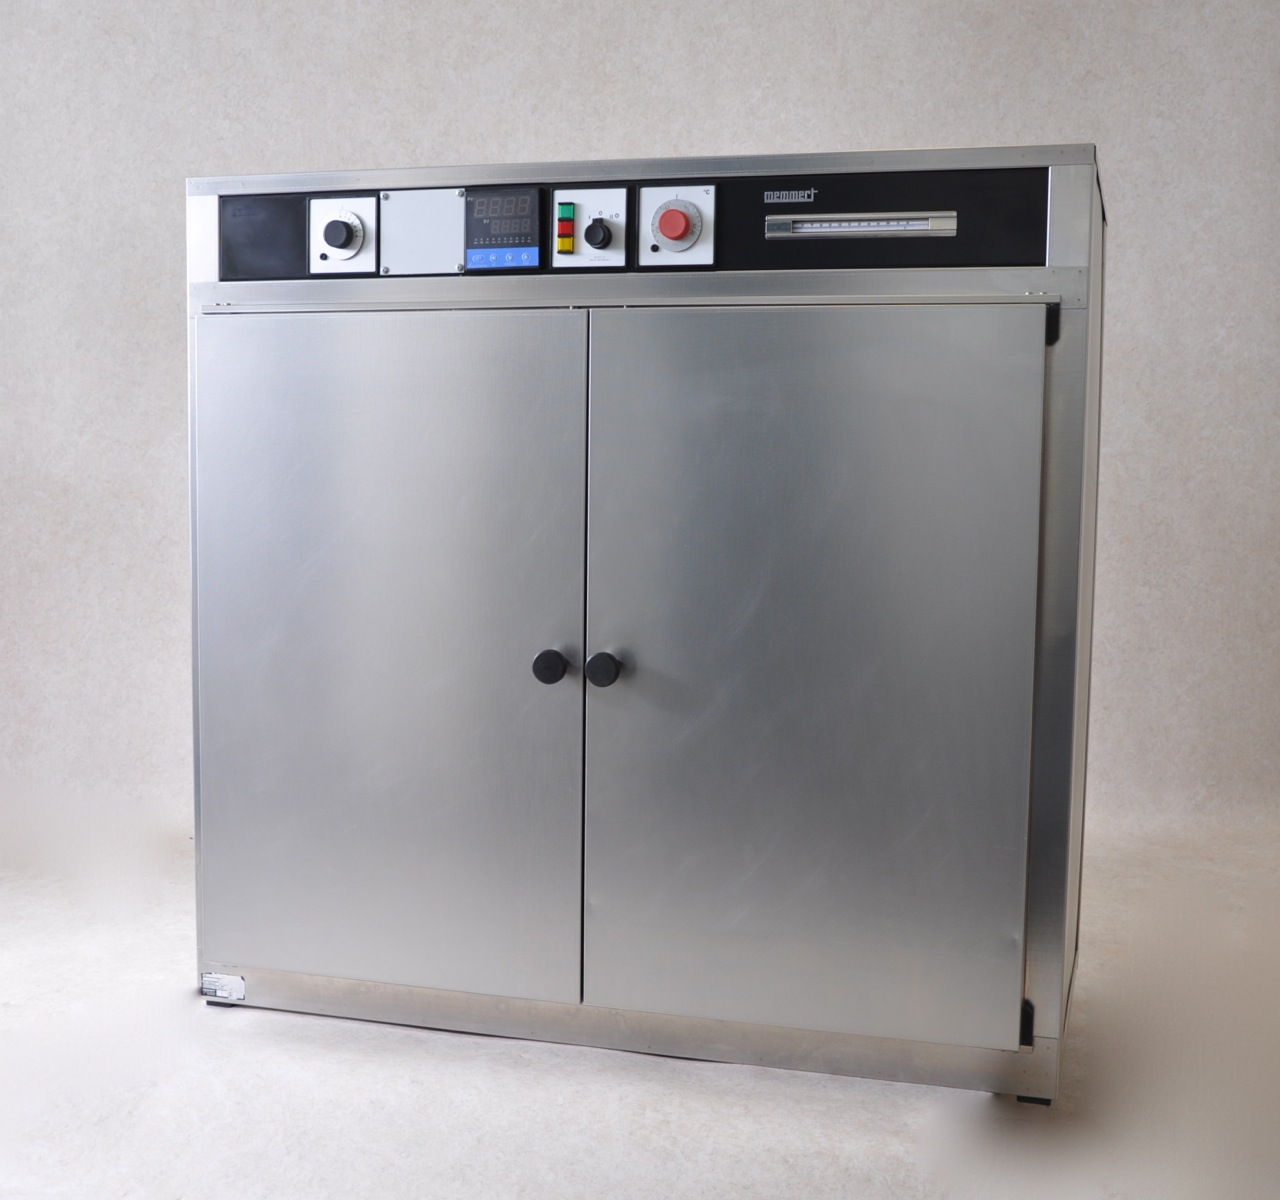 Memmert UL60 oven - Gemini BV